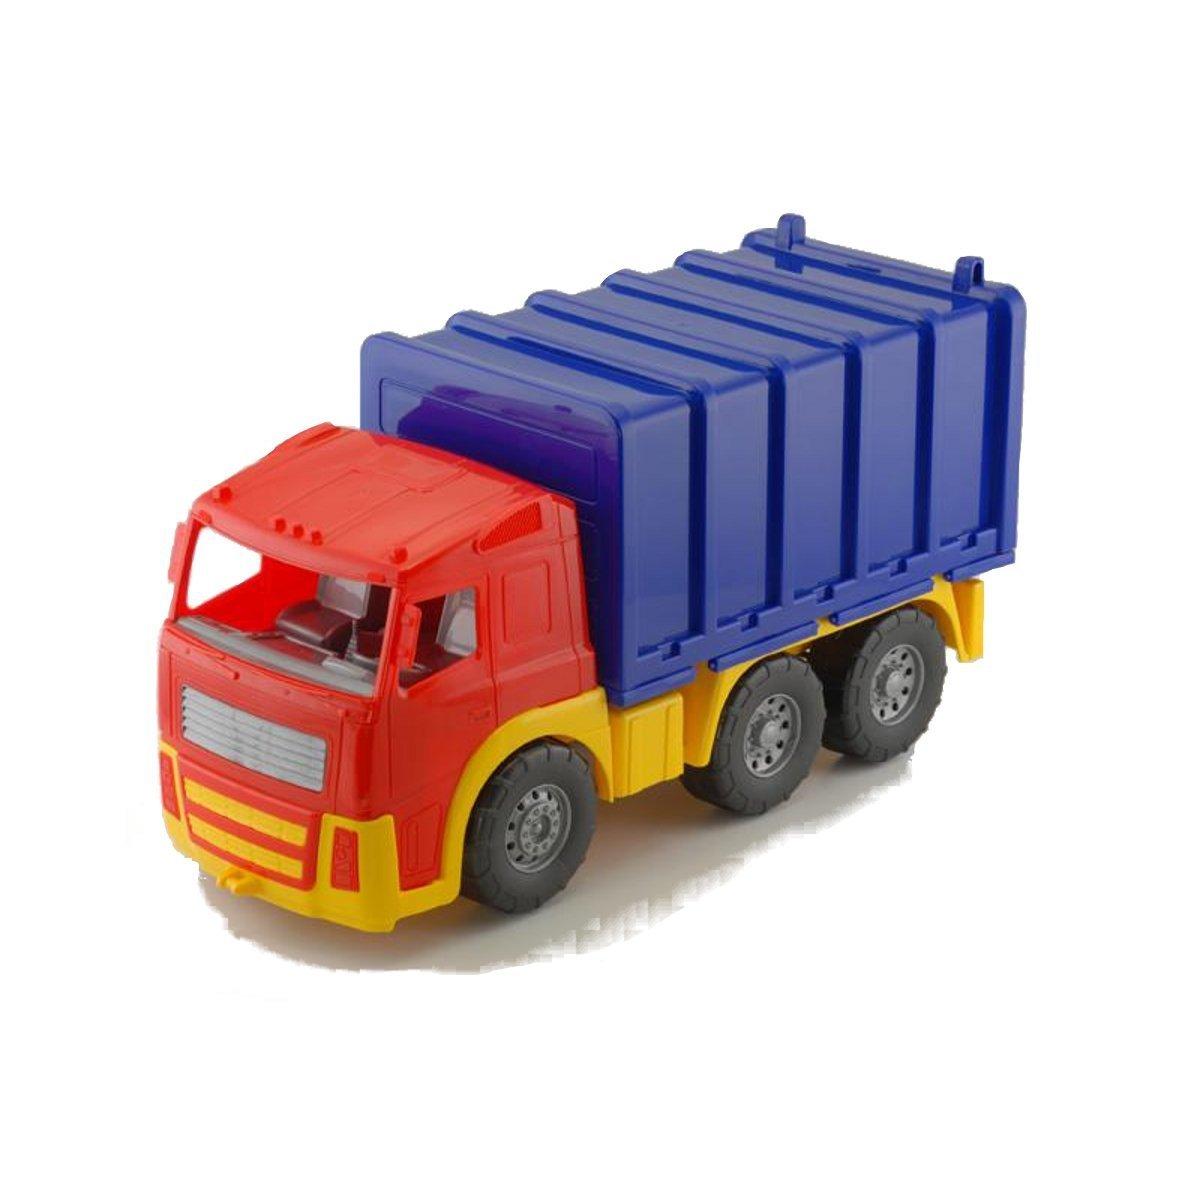 Фургон Акрос 1555 (CP0030801036) ТМ: Colorplast